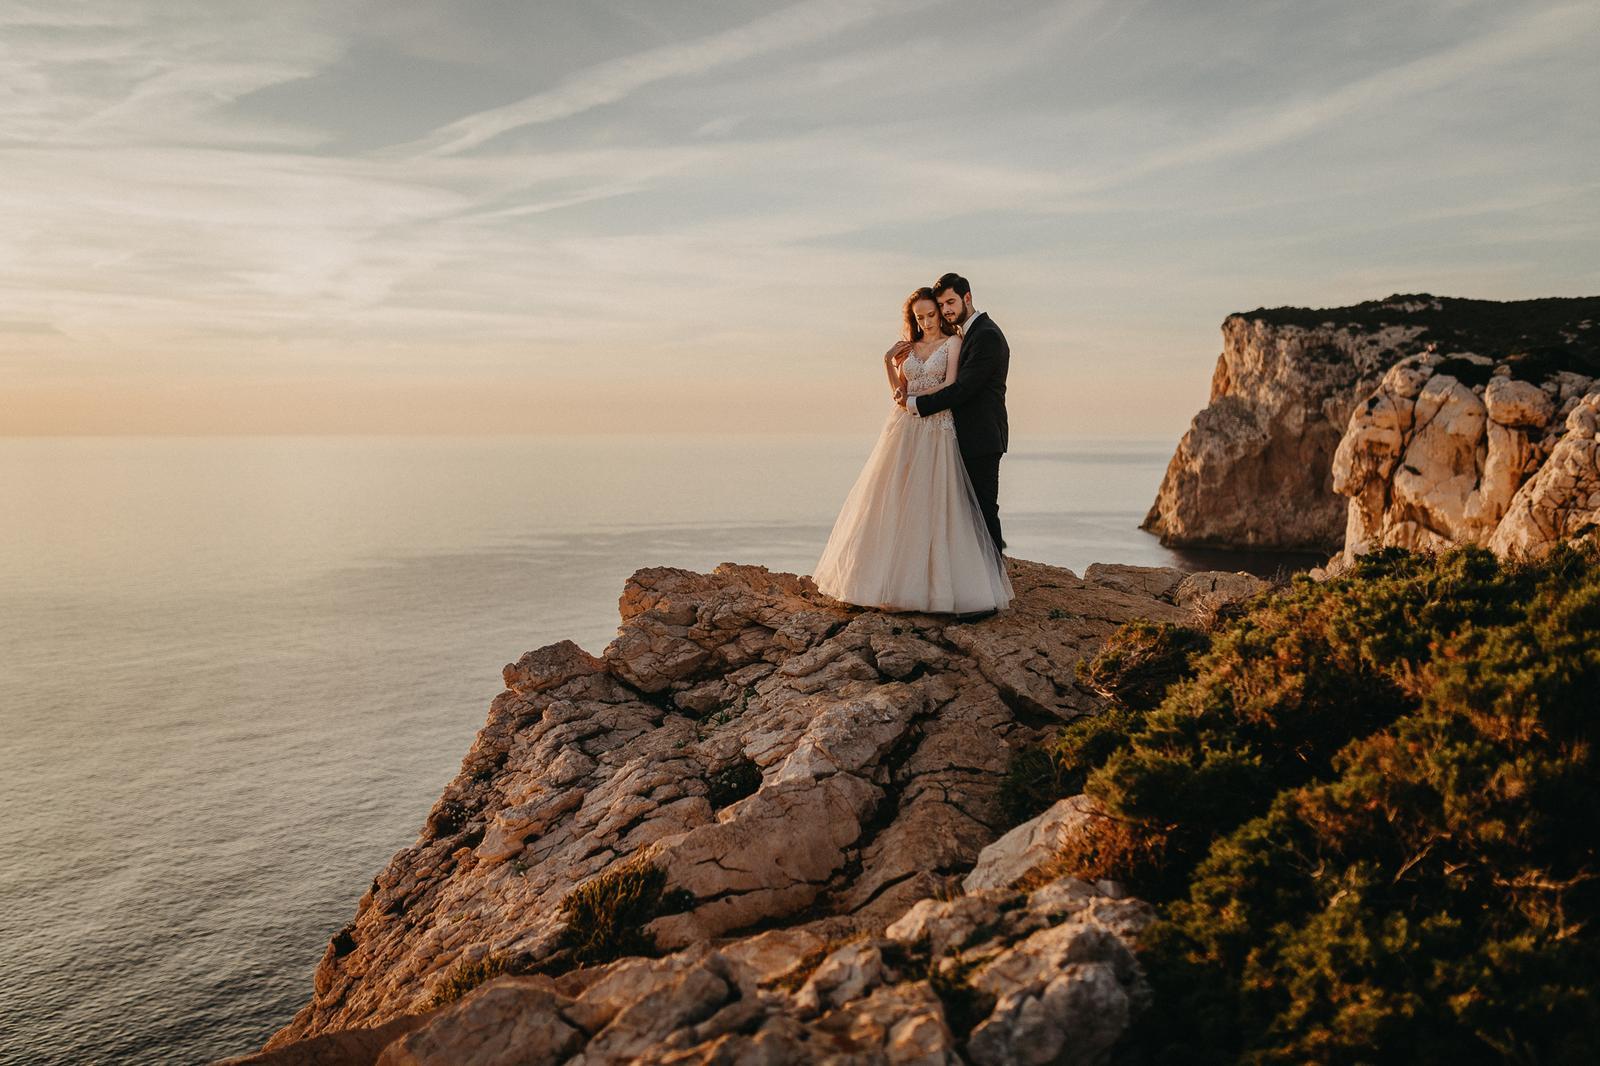 Naše svadobné fotenie na Sardínii - Obrázok č. 66